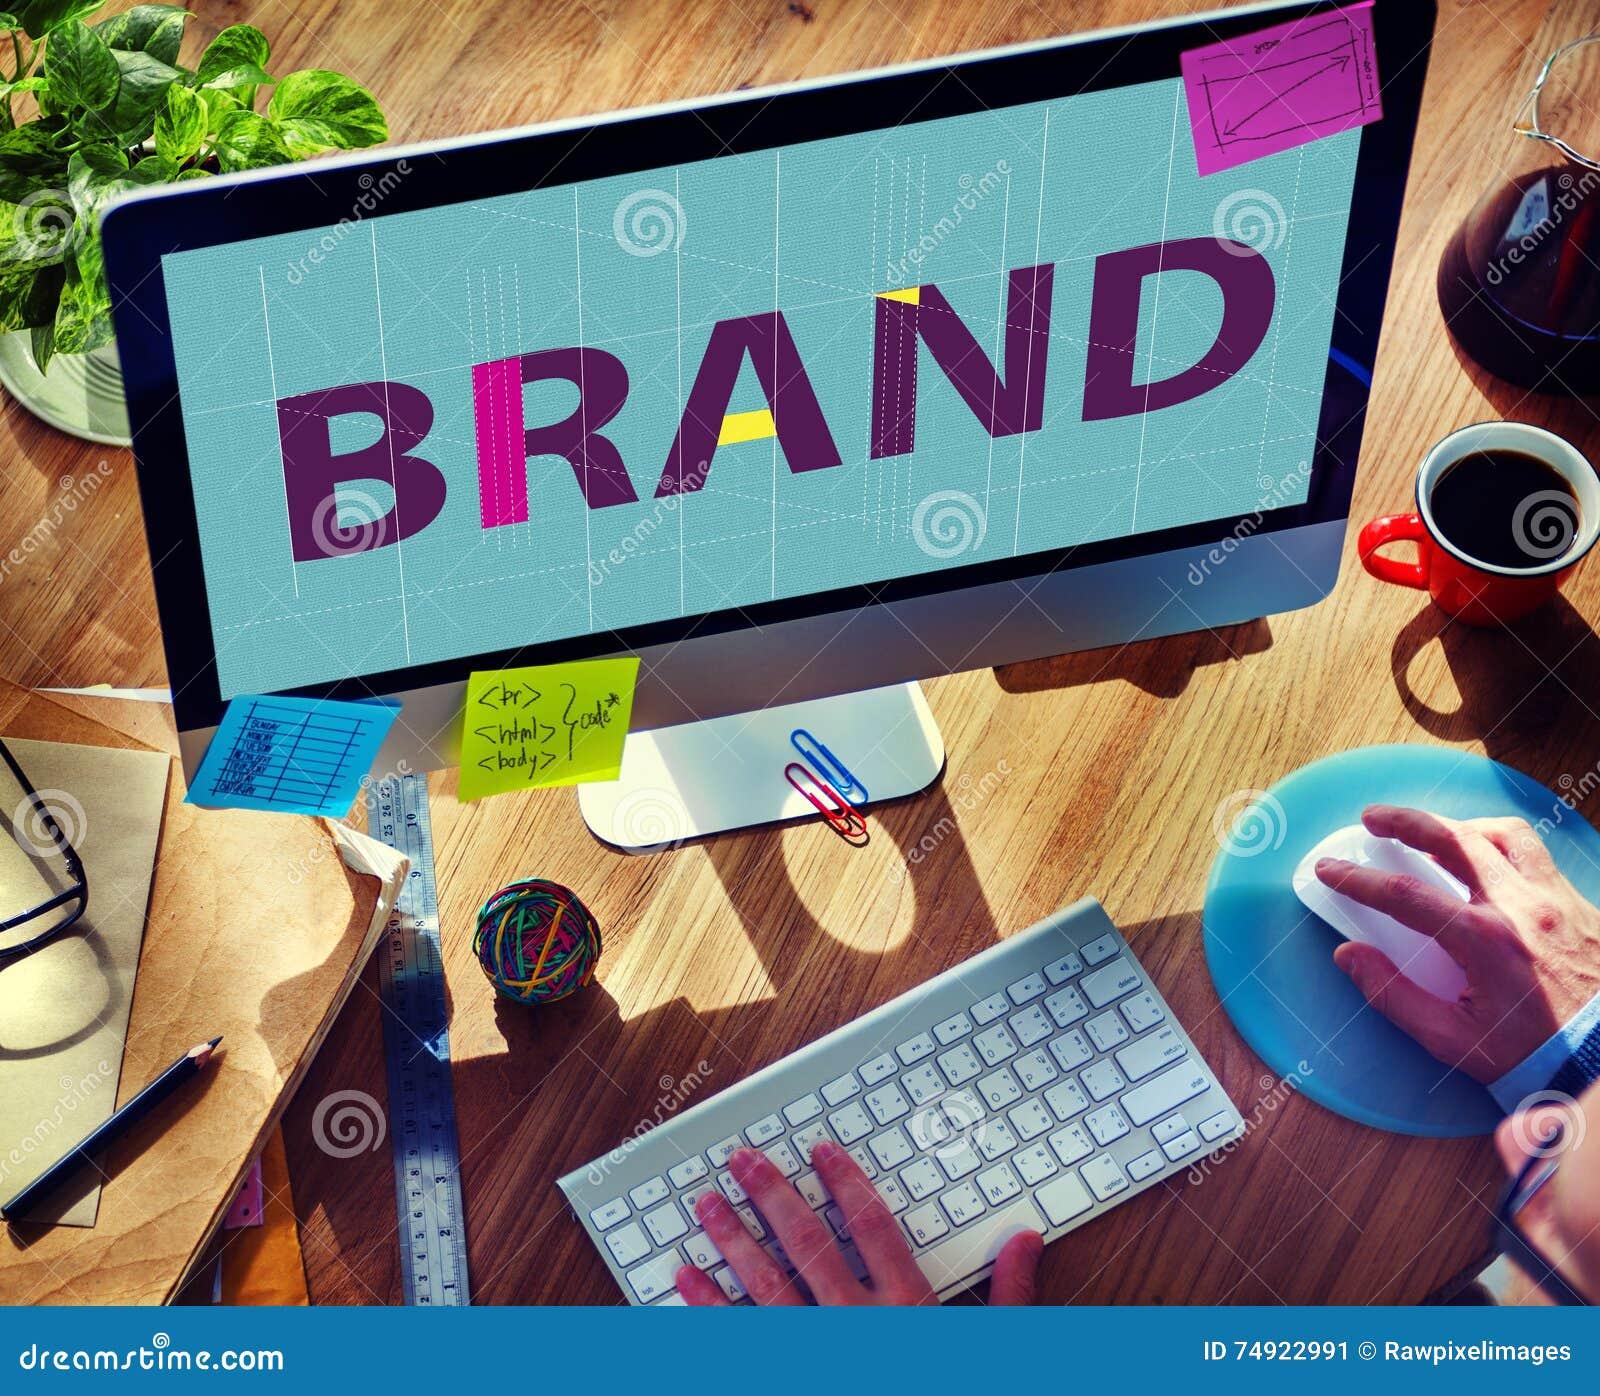 Έννοια εμπορικών σημάτων λογότυπων ετικετών πνευματικών δικαιωμάτων μαρκαρίσματος εμπορικών σημάτων